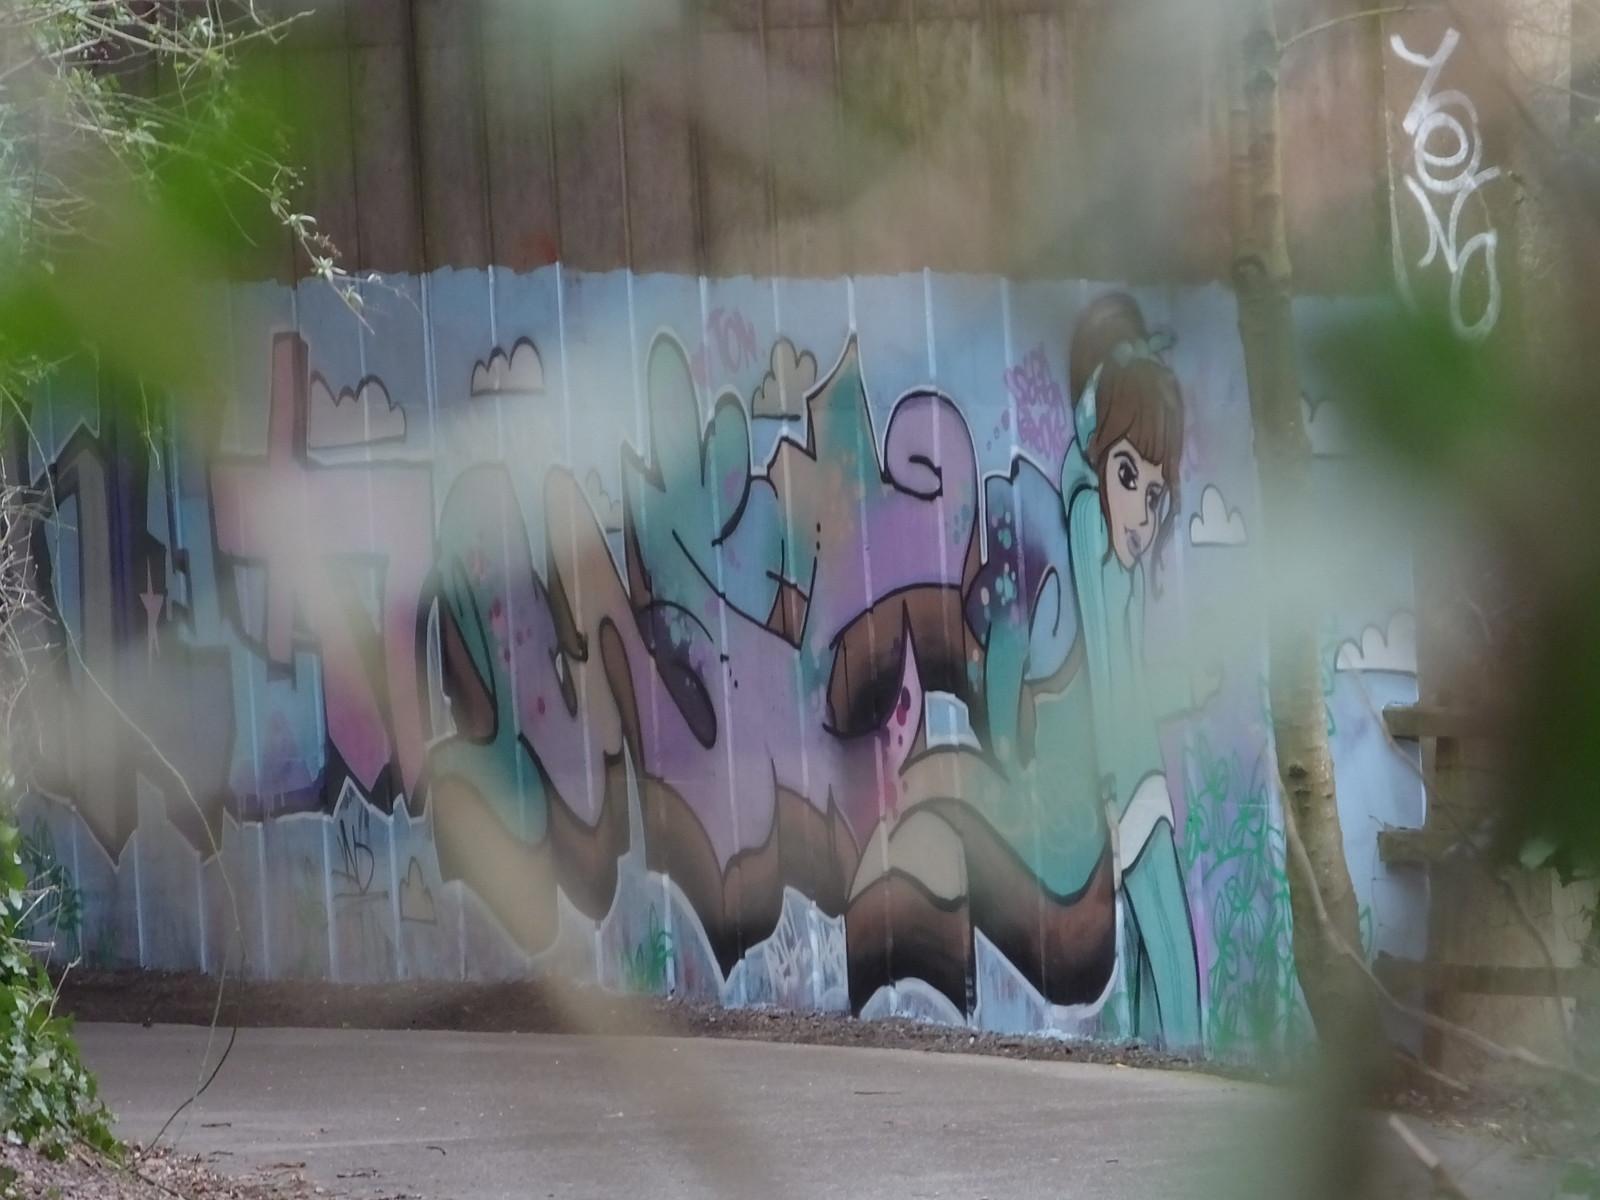 Taff Trail street art 2019